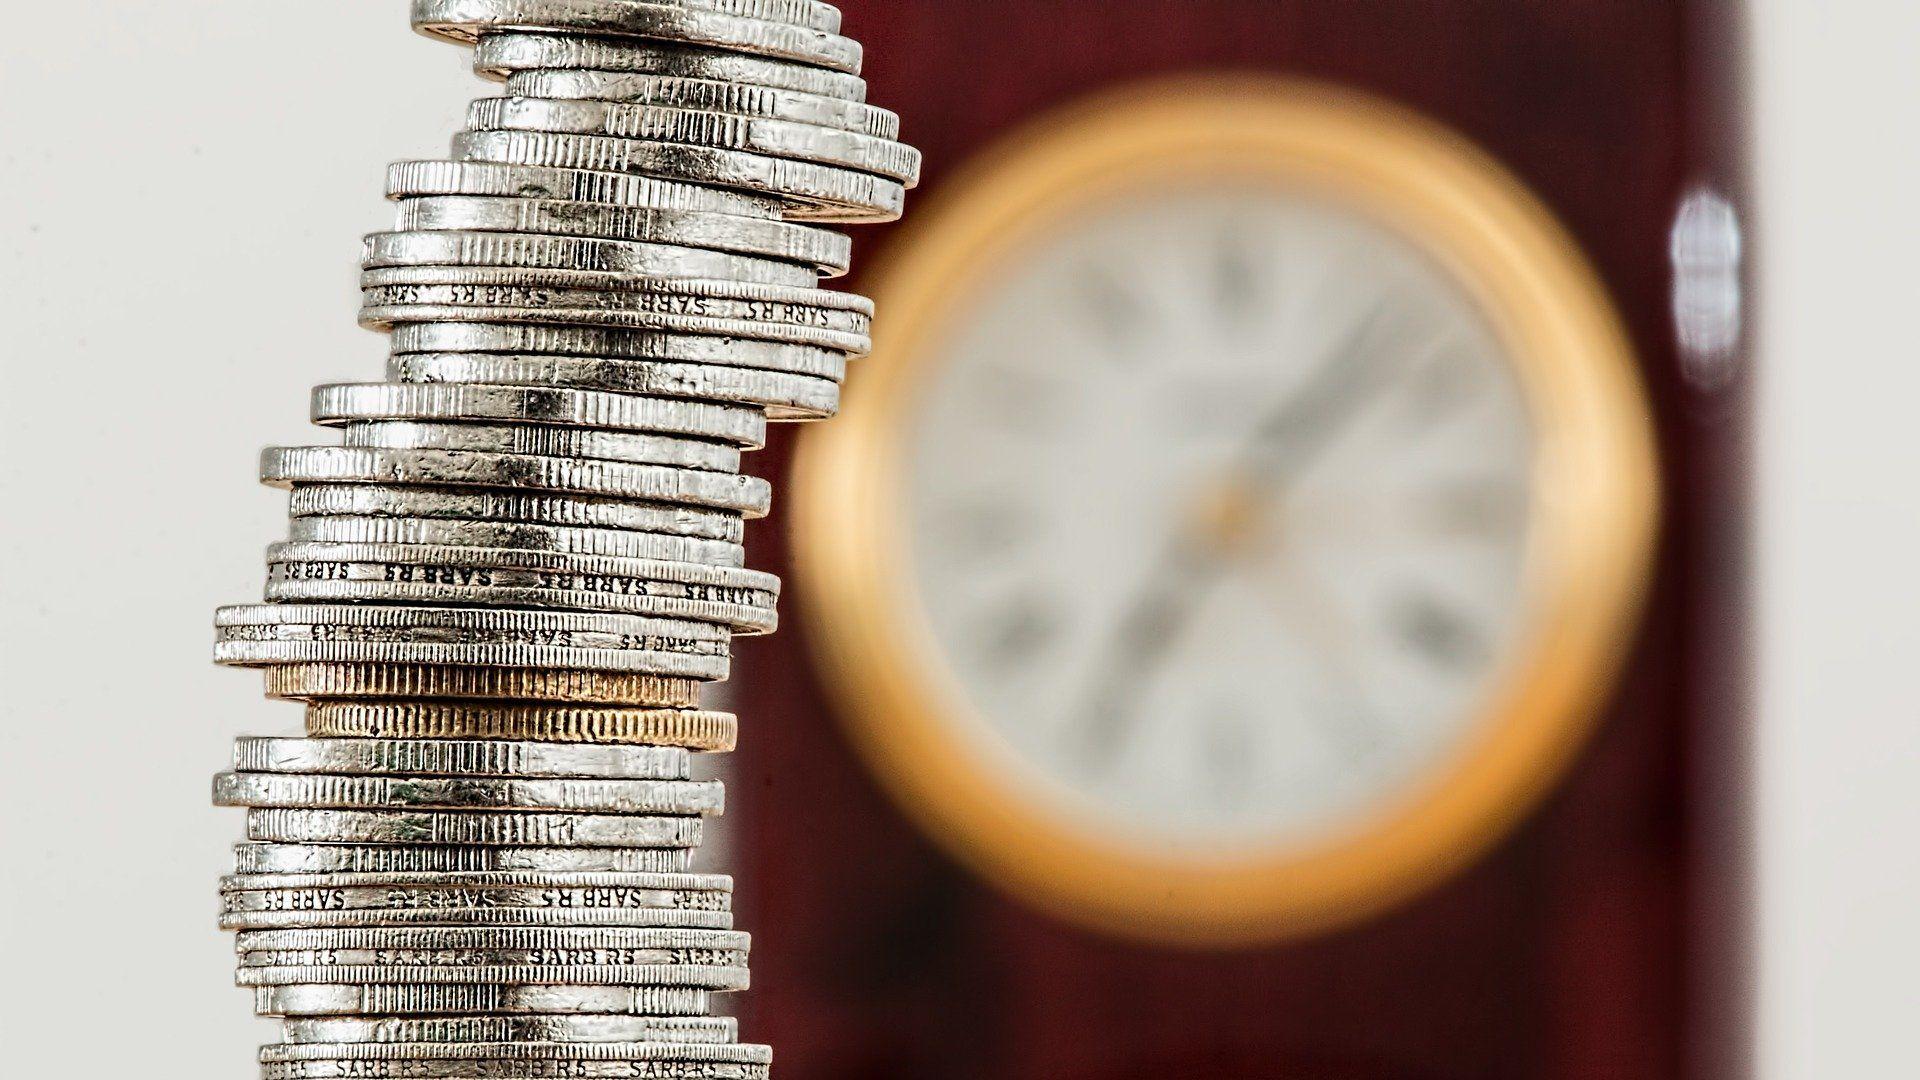 Monedas (imagen referencial) - Sputnik Mundo, 1920, 15.09.2021